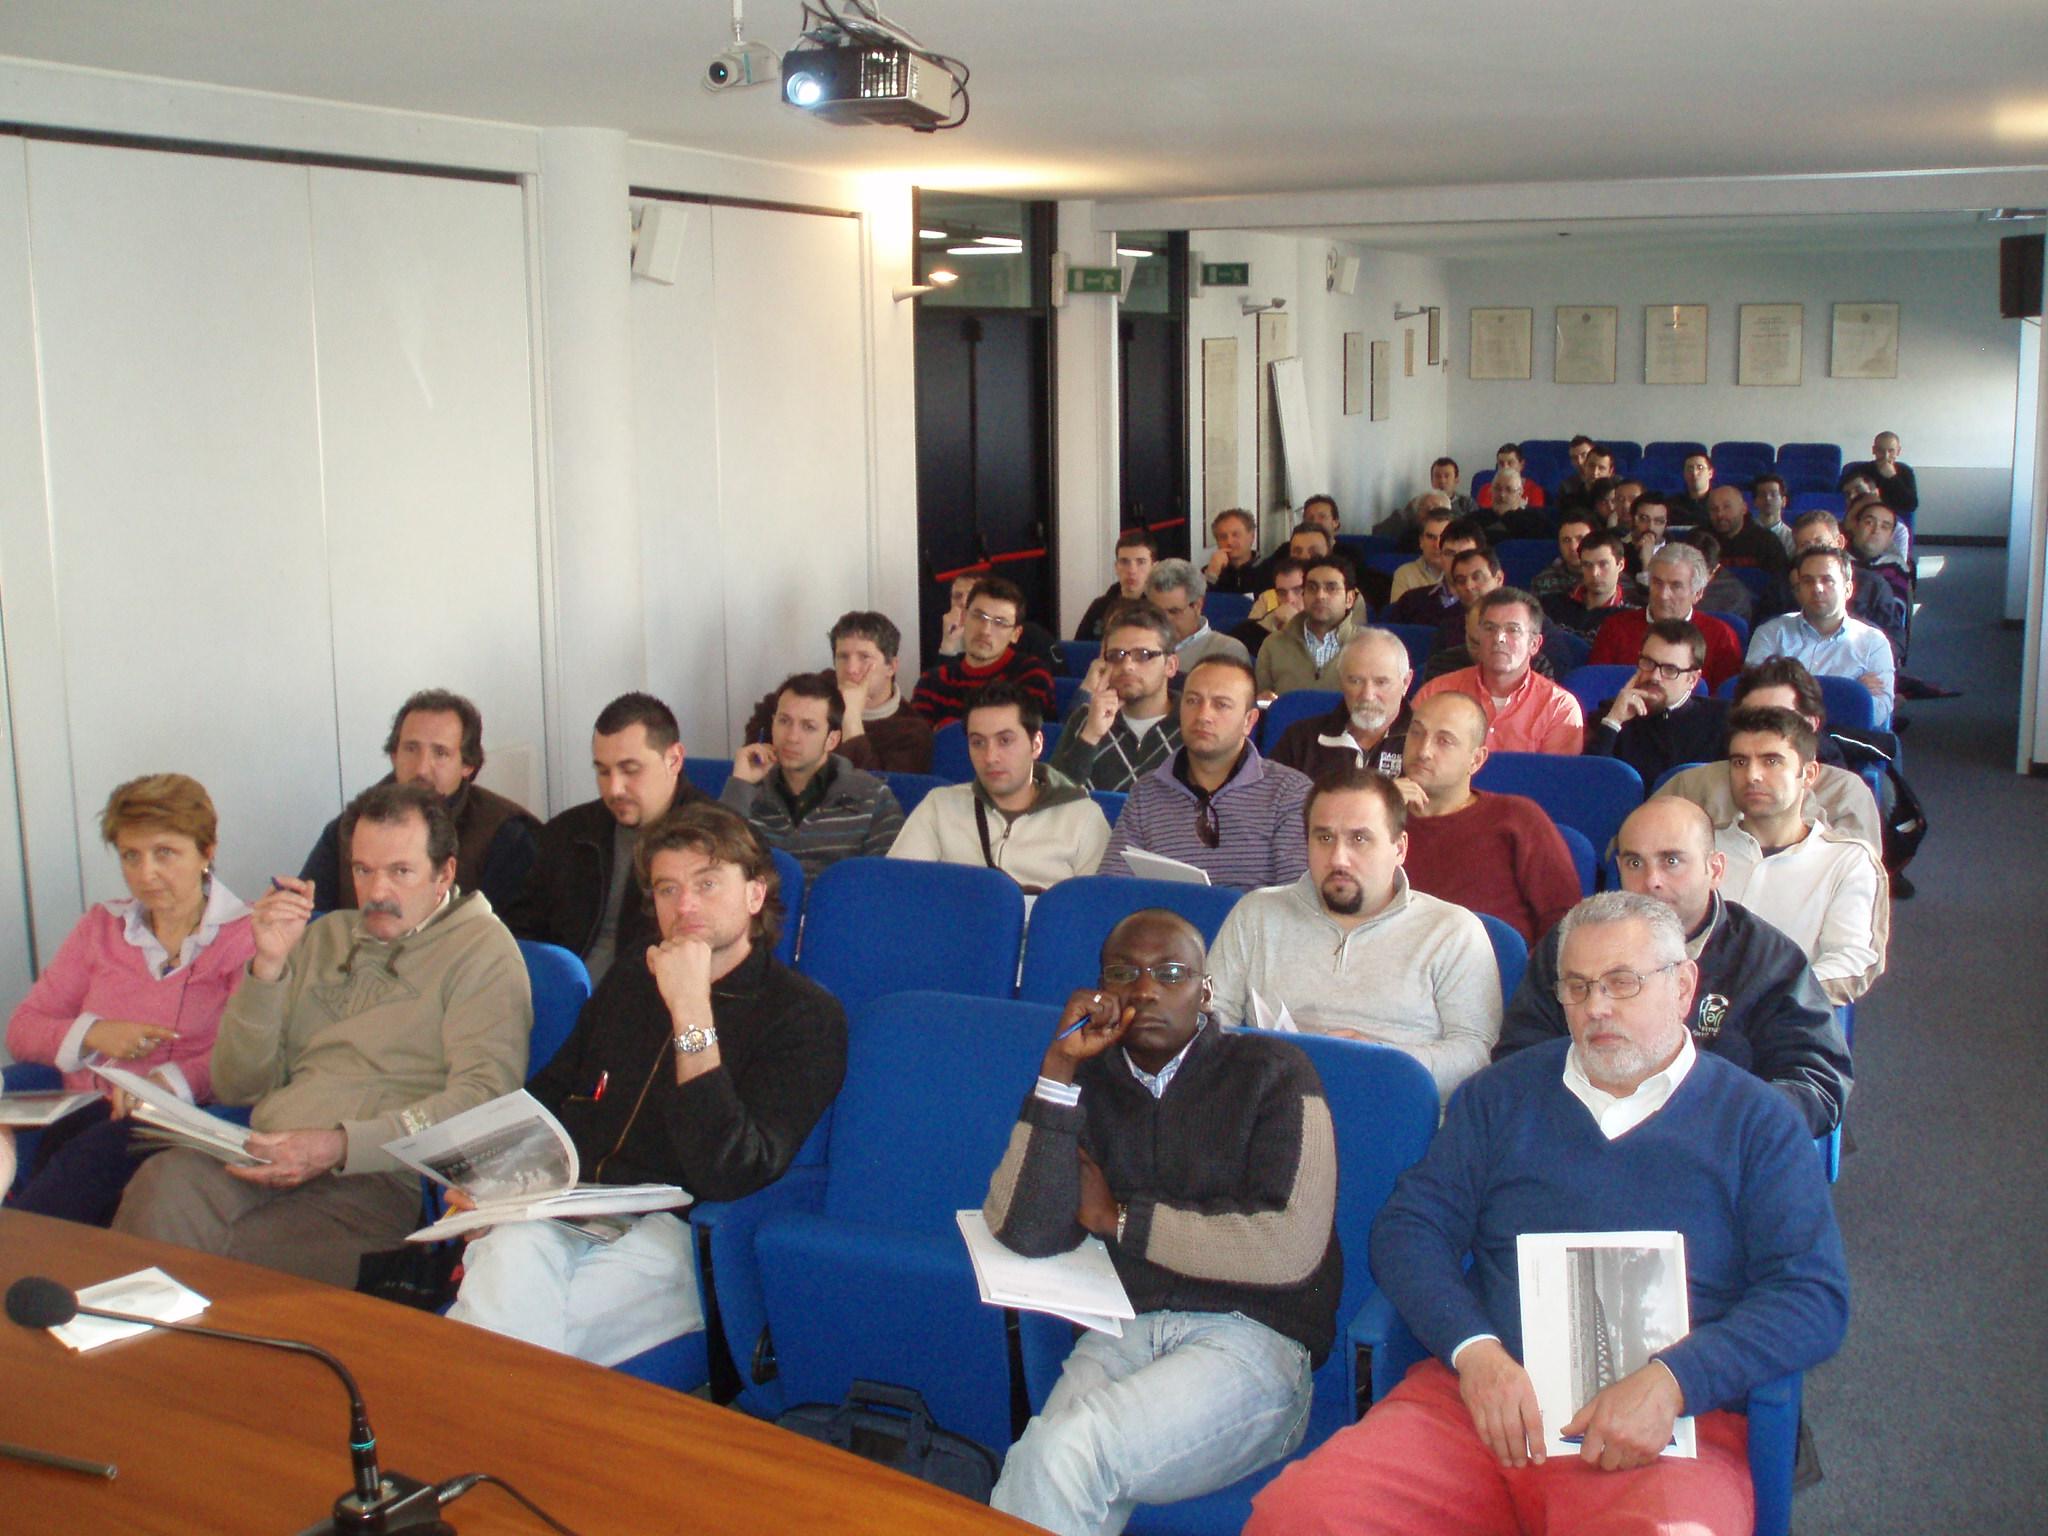 panoramica_aula_corso_assocamp